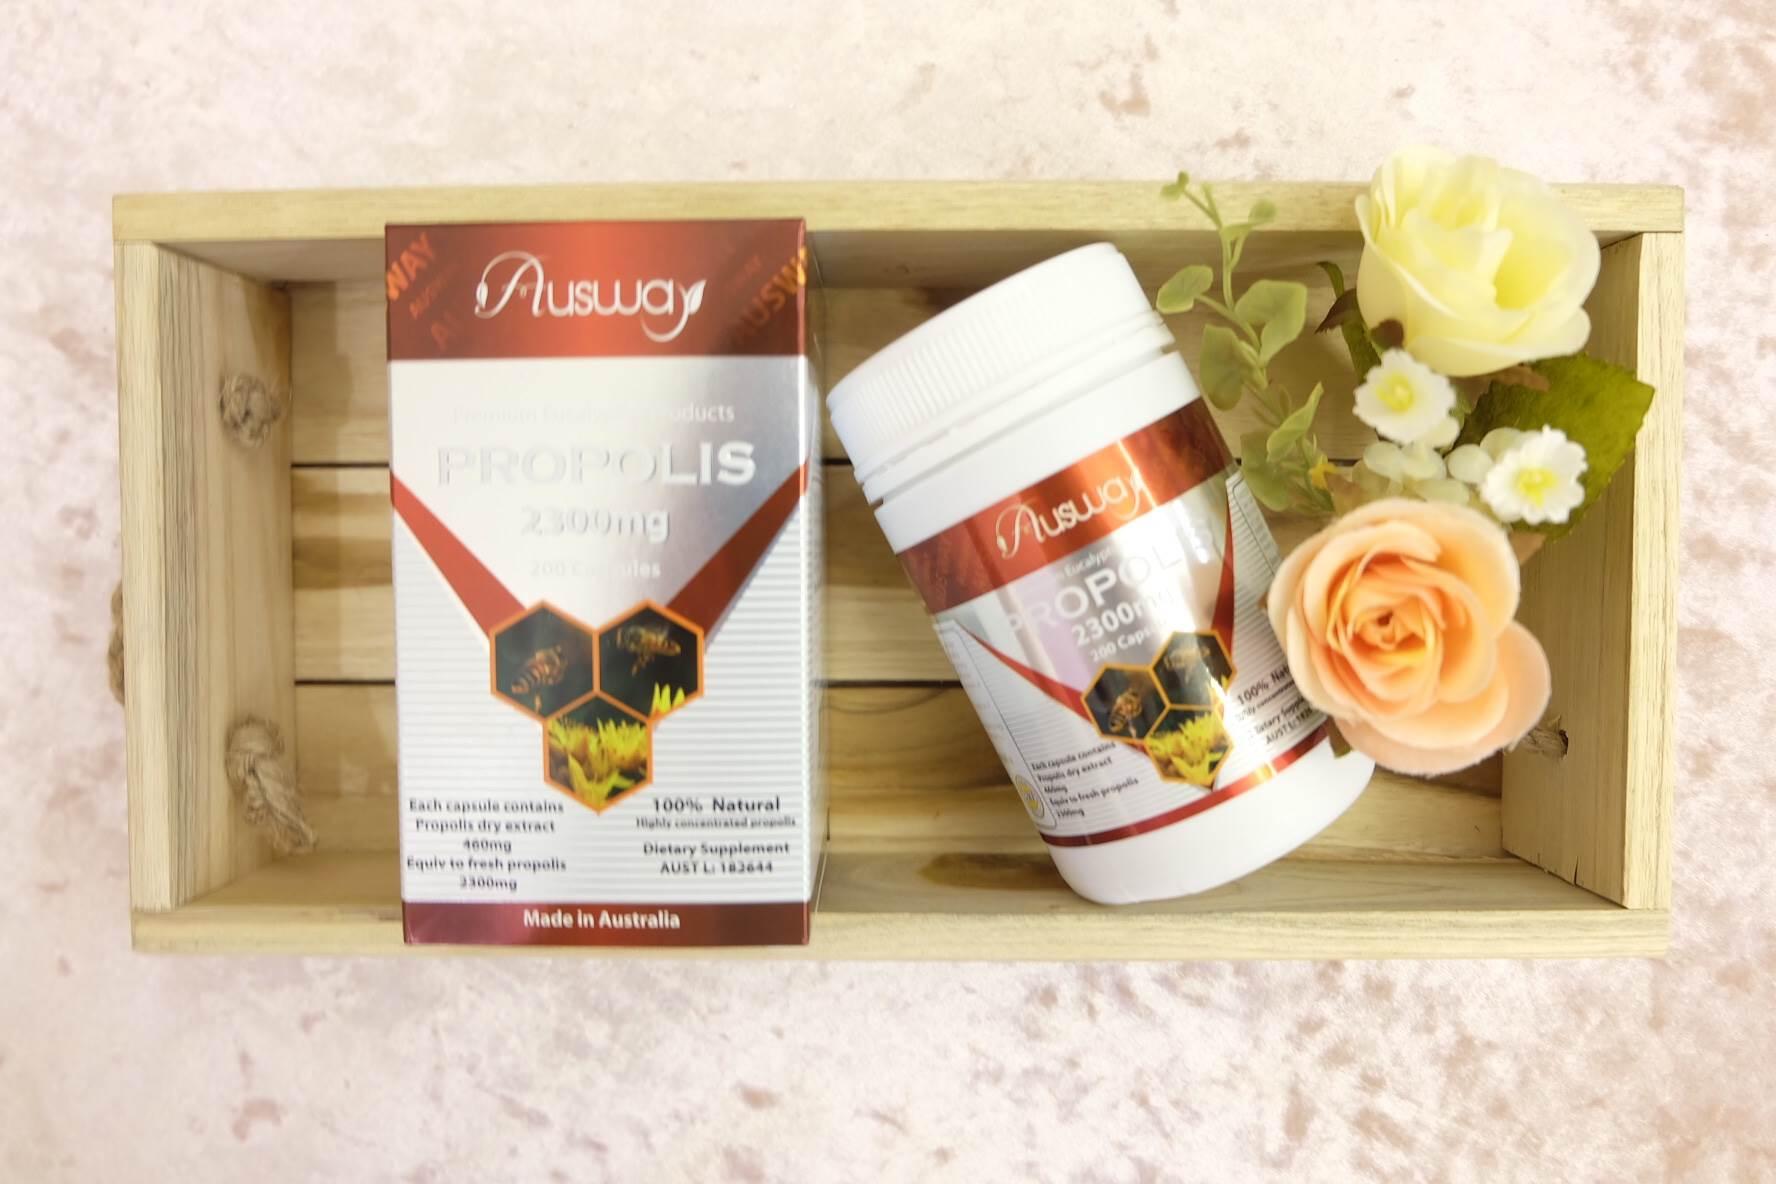 Ausway propolis 2300mg สารมหัศจรรย์ธรรมชาติจากรวงผึ้งโดสสูง ลดสิวลดภูมิแพ้ ร่างกายแข็งแรง ของแท้จากออสเตรเลีย